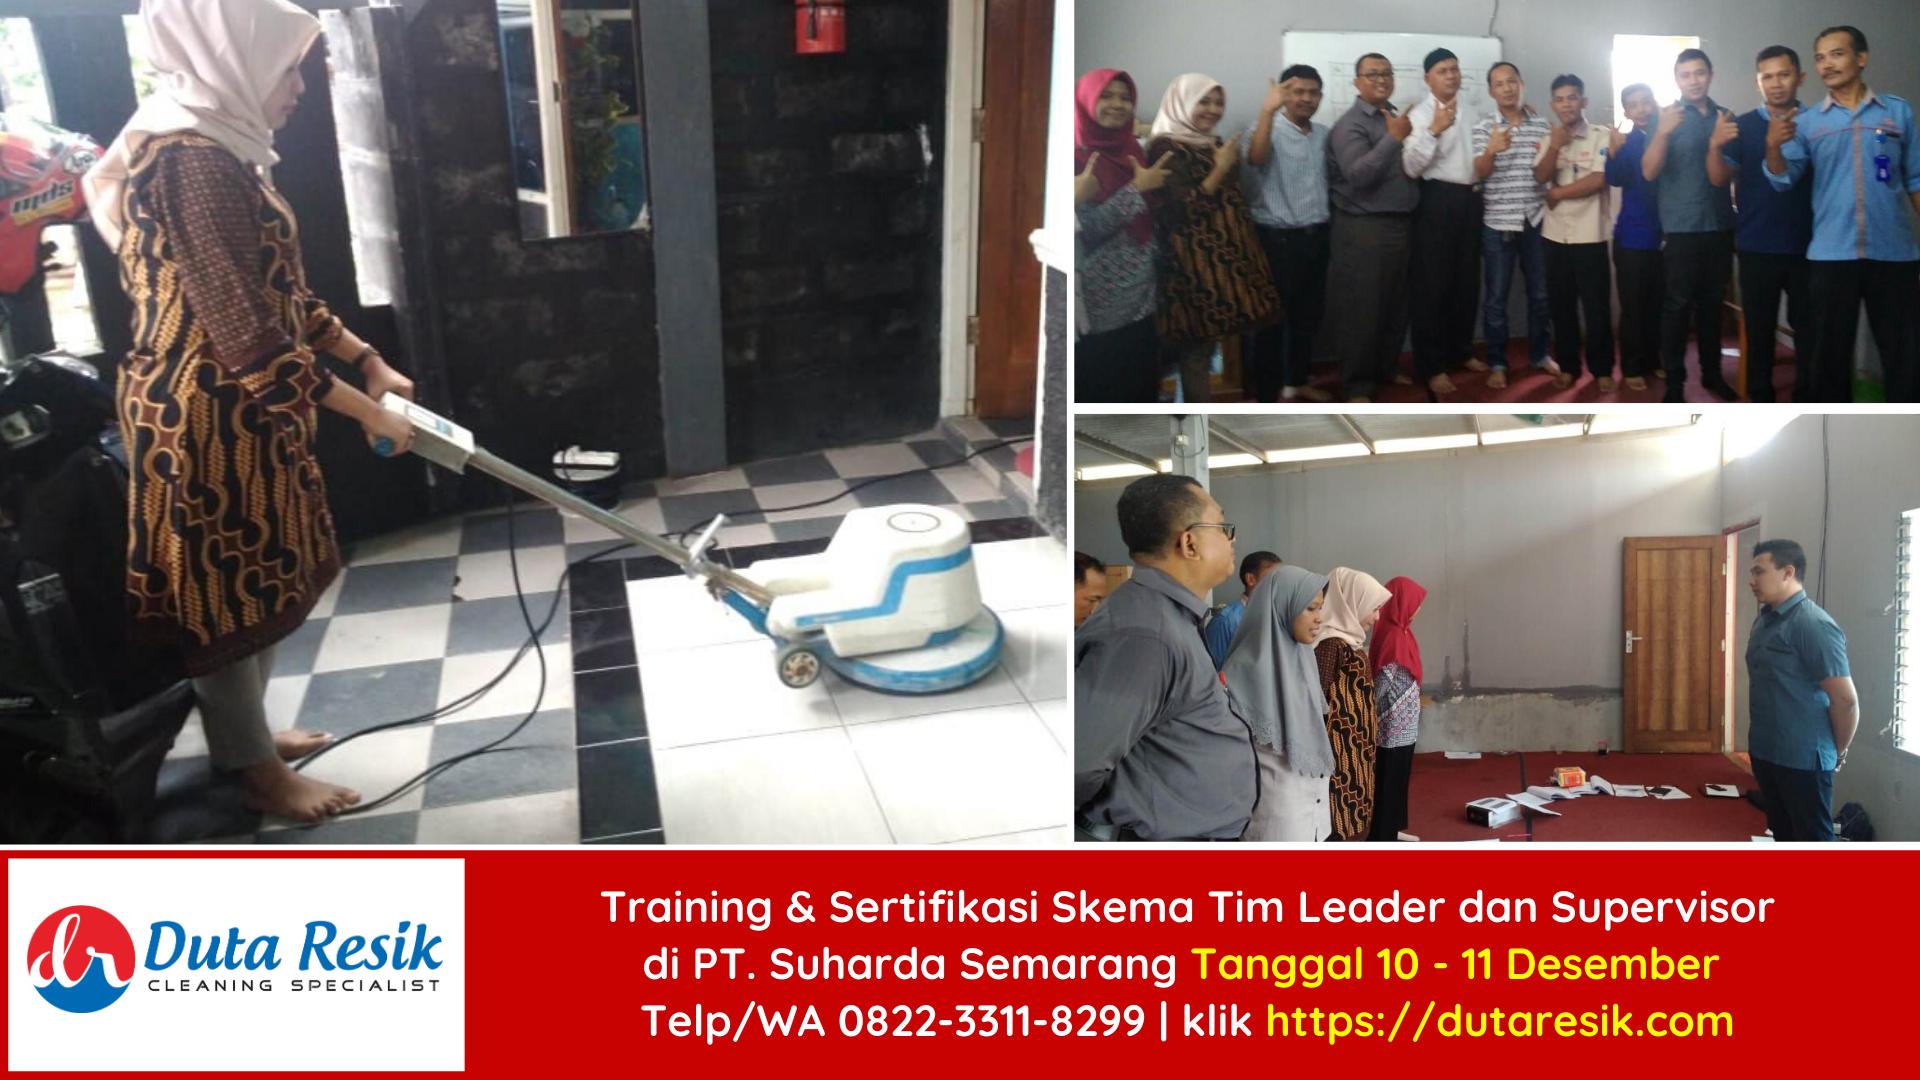 Training & Sertifikasi BNSP Tim Leader dan Supervisor di PT Suharda Semarang